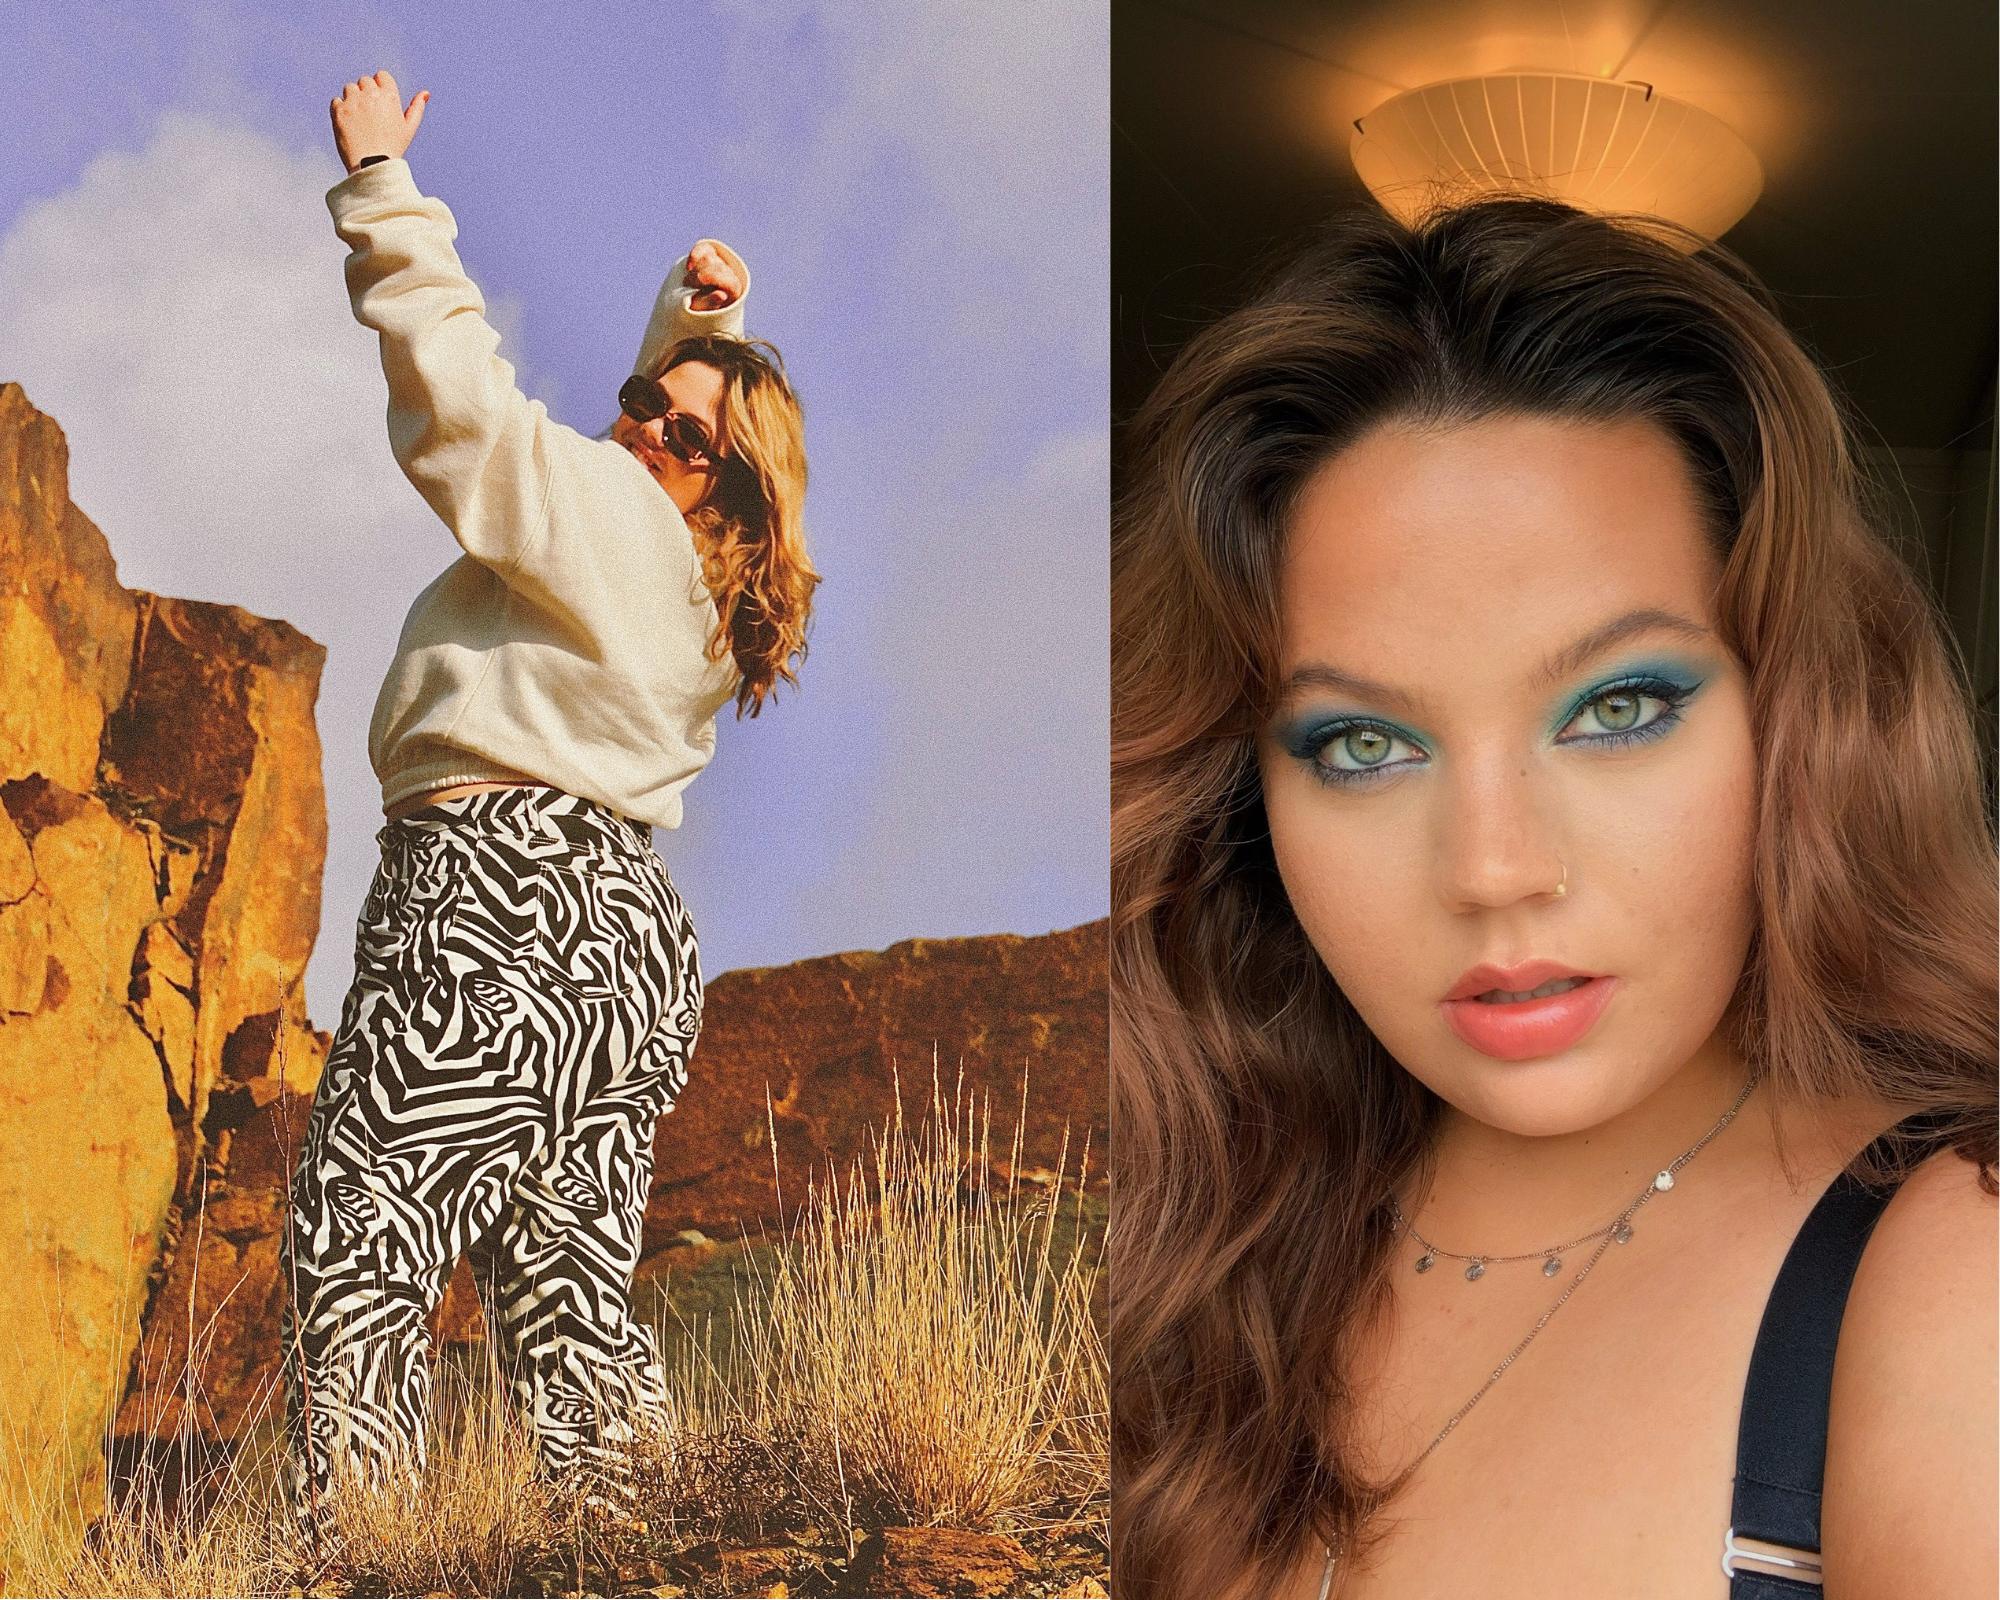 Venstre: Sonja Iren har på seg en zebra-mønstret bukse, solbriller og en lys genser. Hun står utendørs med brune steiner rundt seg. Hun har henda i været og ser mot kamera. Hun har halvlangt mørkt blondt hår.Selfie av Sonja Iren. Hun har sminket med blå øyenskygge rundt øynene og har brunt halvlangt hår. Hun har et poserende uttrykk i ansiktet. Hun har ring i nesa.